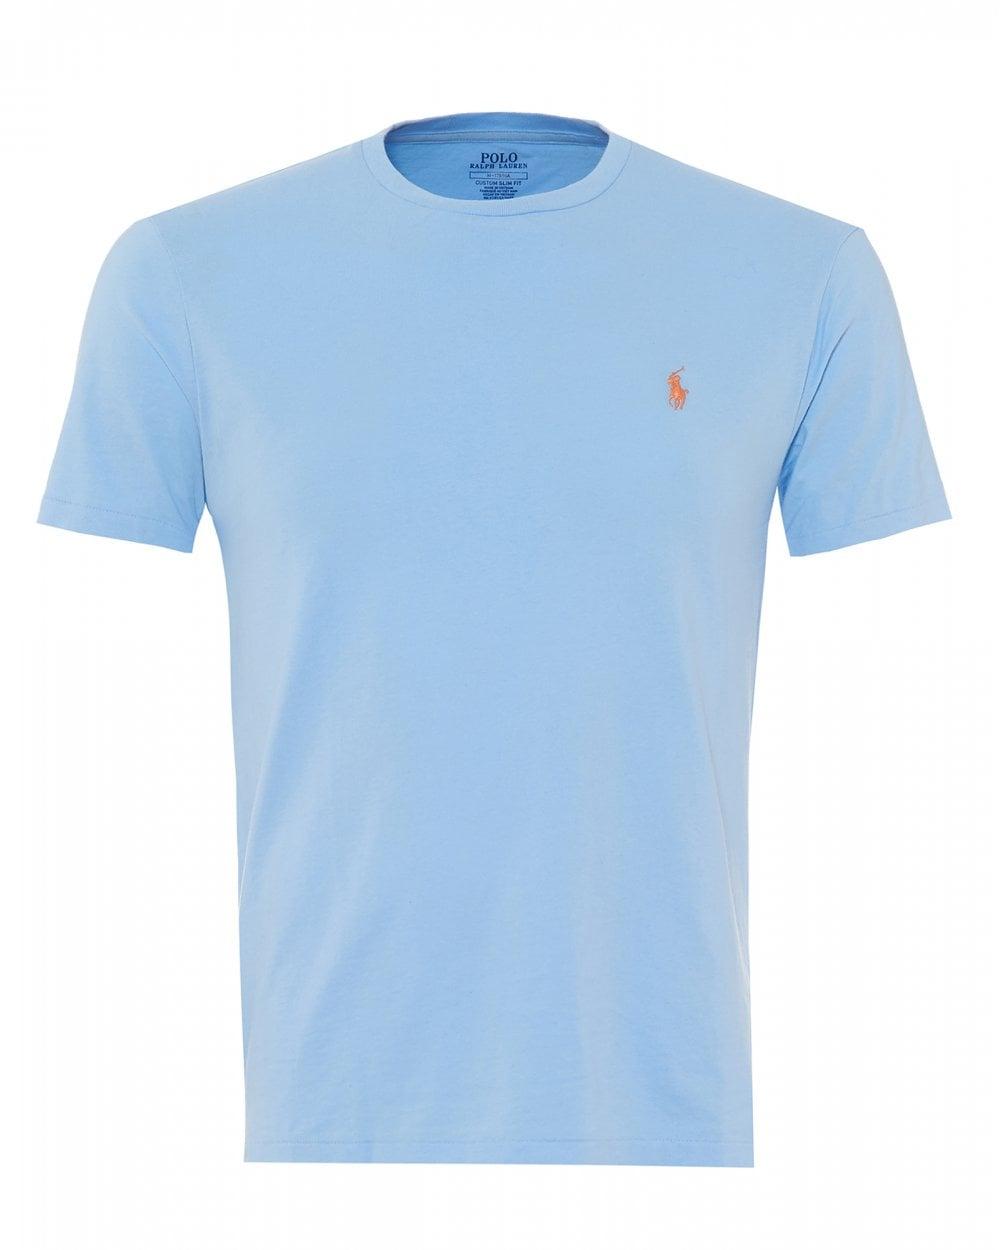 72f6e6d9a0410 Ralph Lauren Mens Basic Logo T-Shirt